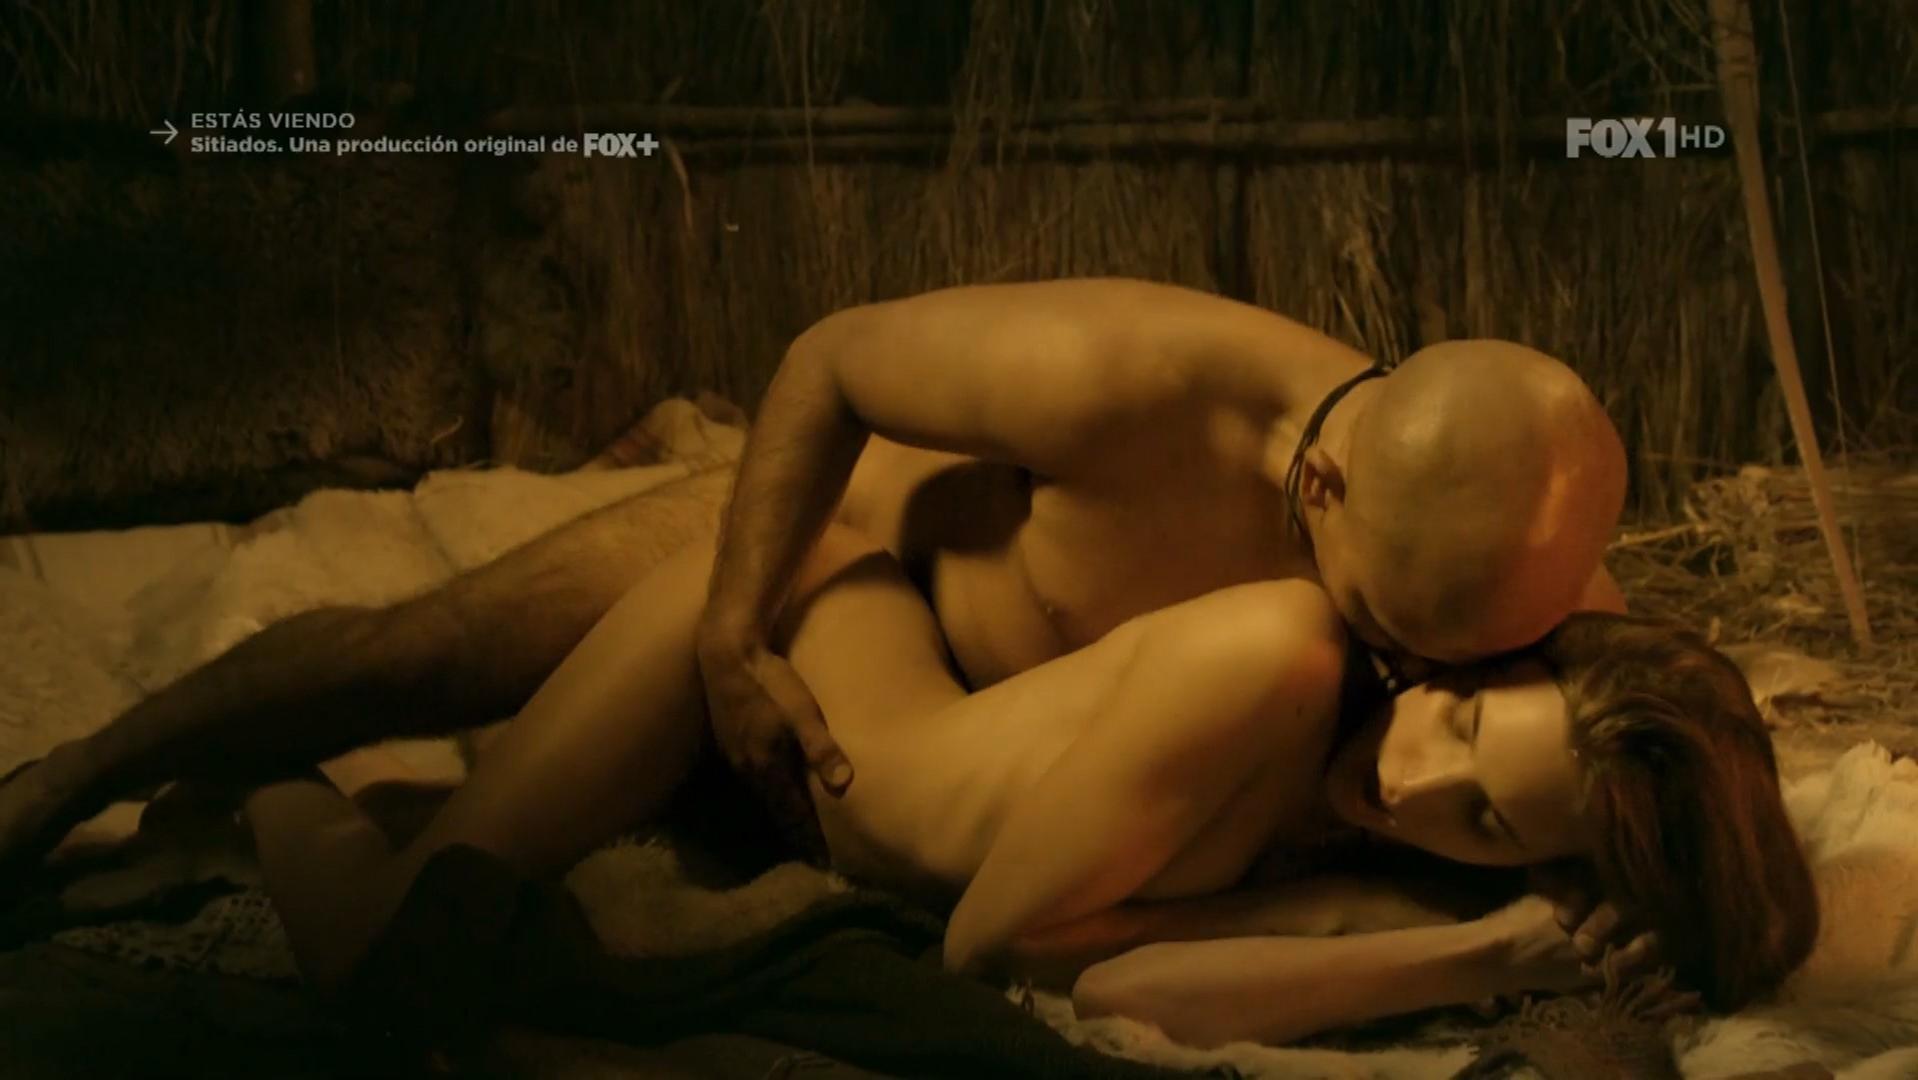 Macarena Achaga sexy - Sitiados s01e03 (2015)